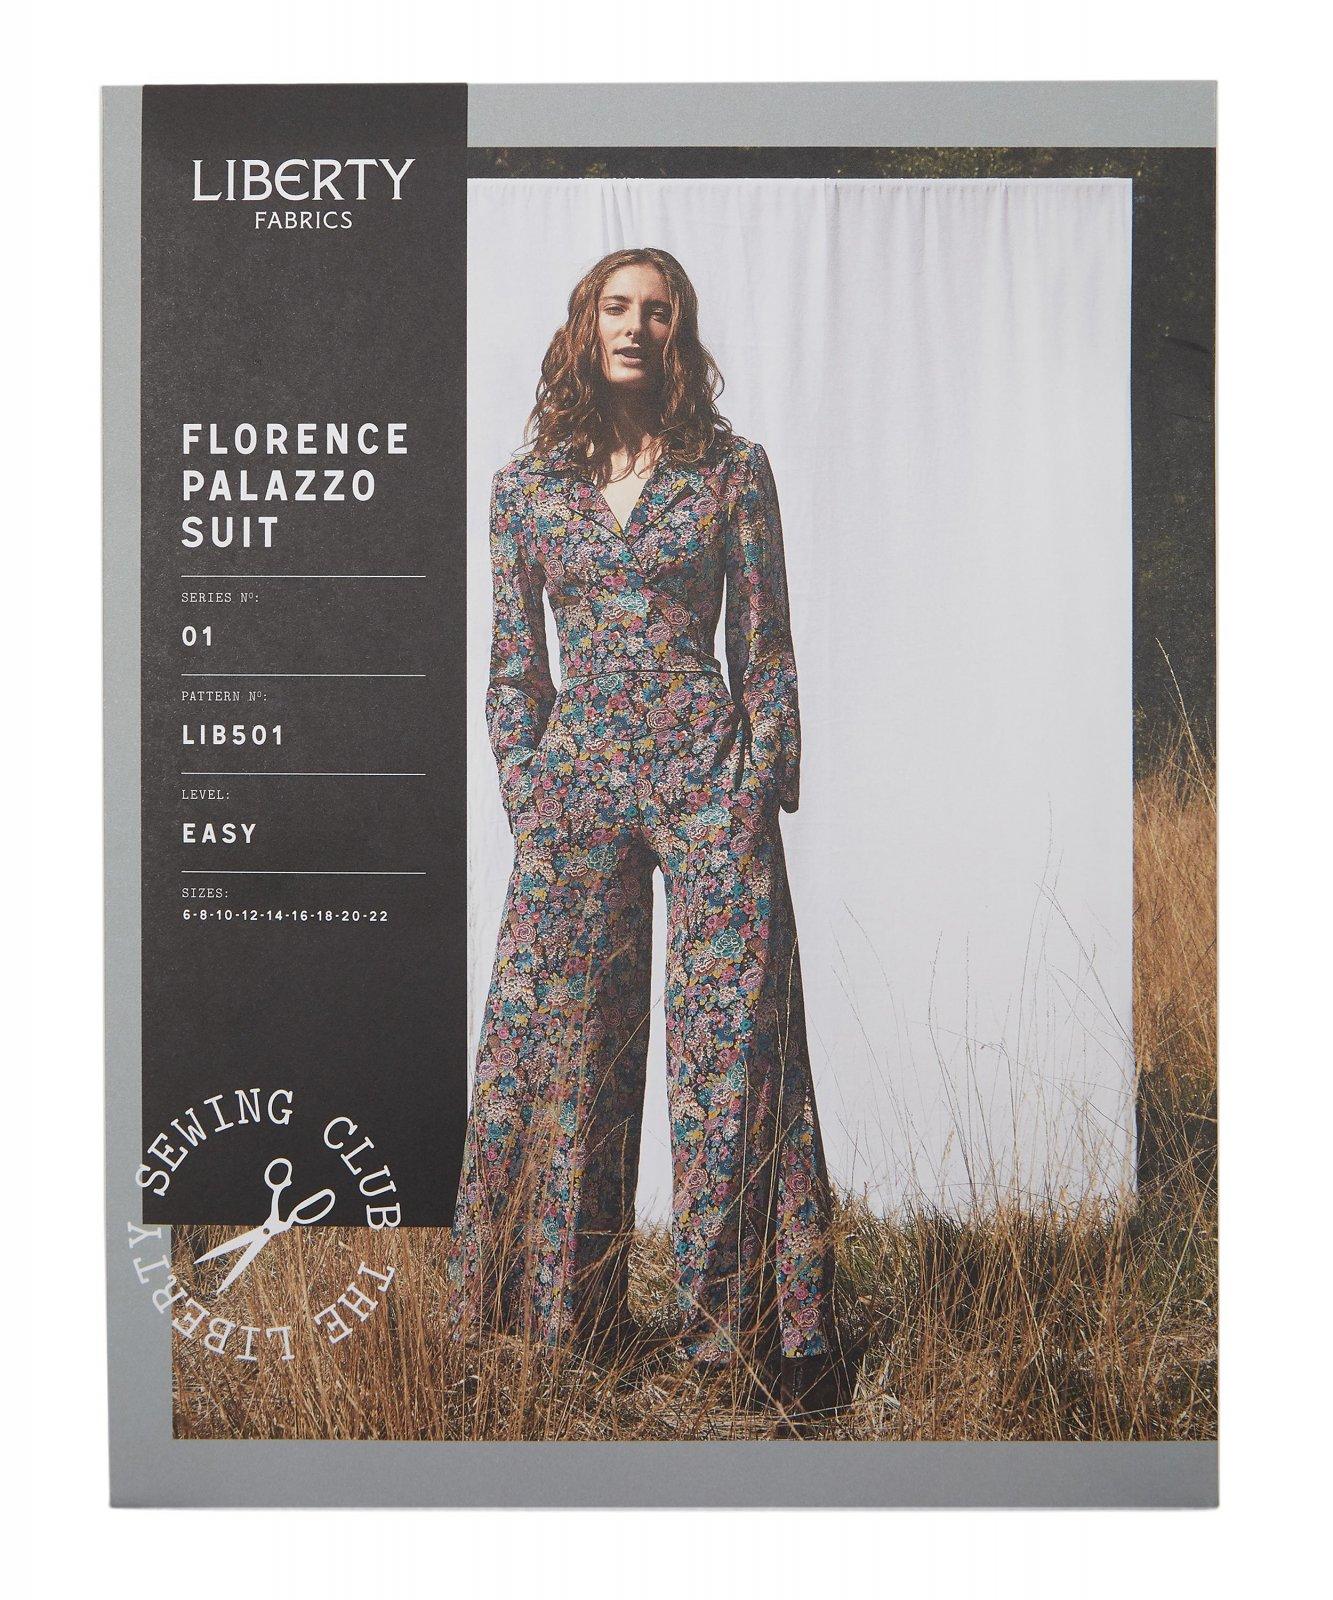 Liberty Fabrics Florence Palazzo Suit